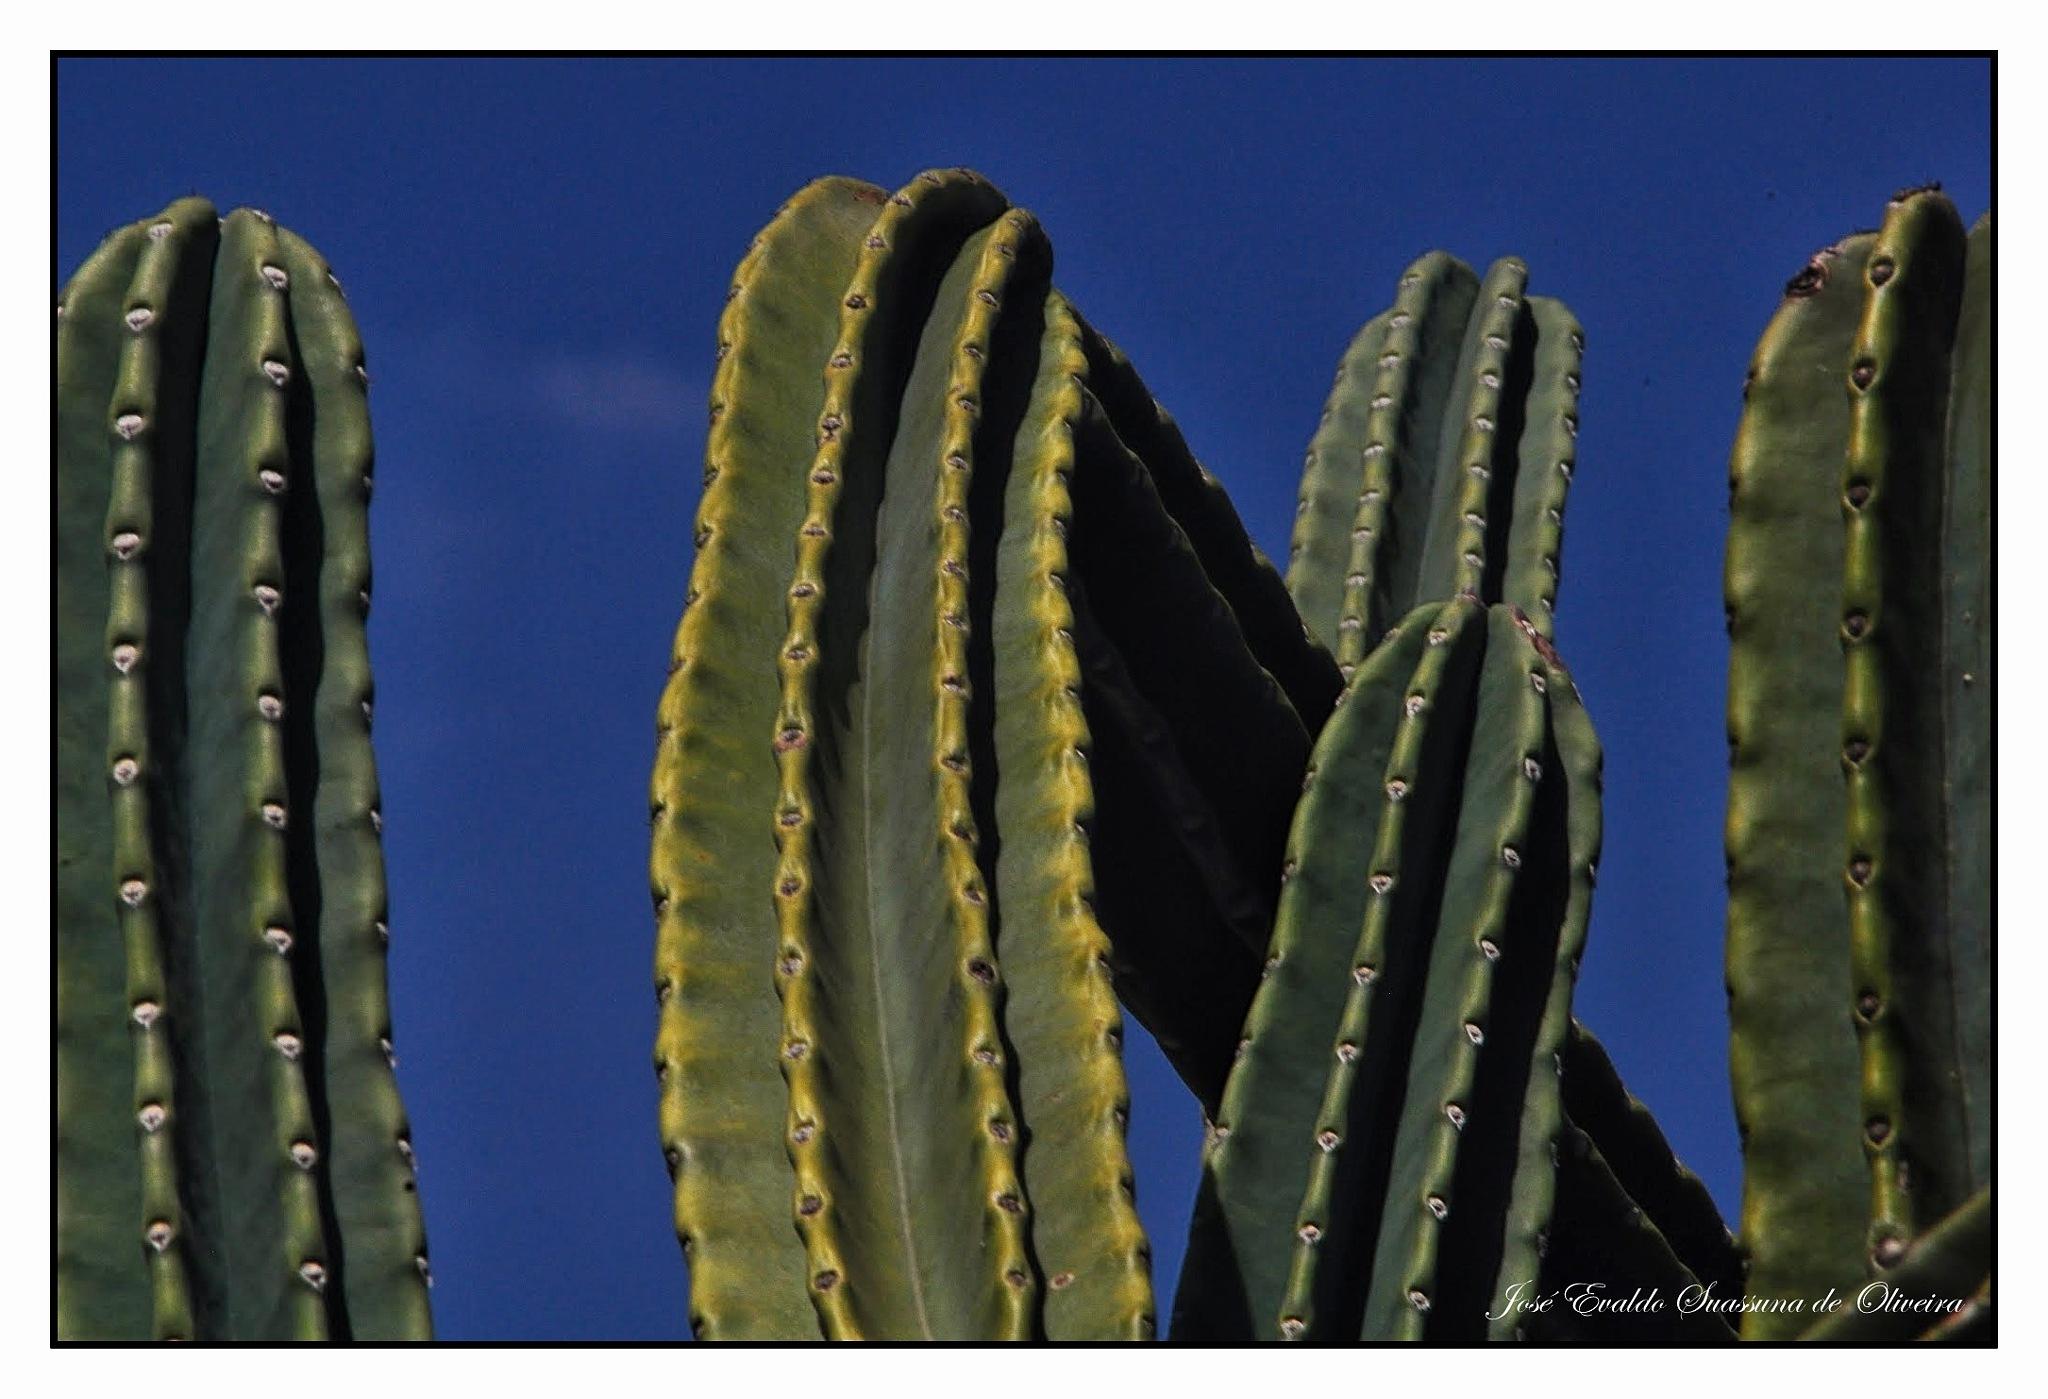 Cactus by José Evaldo Suassuna de Oliveira